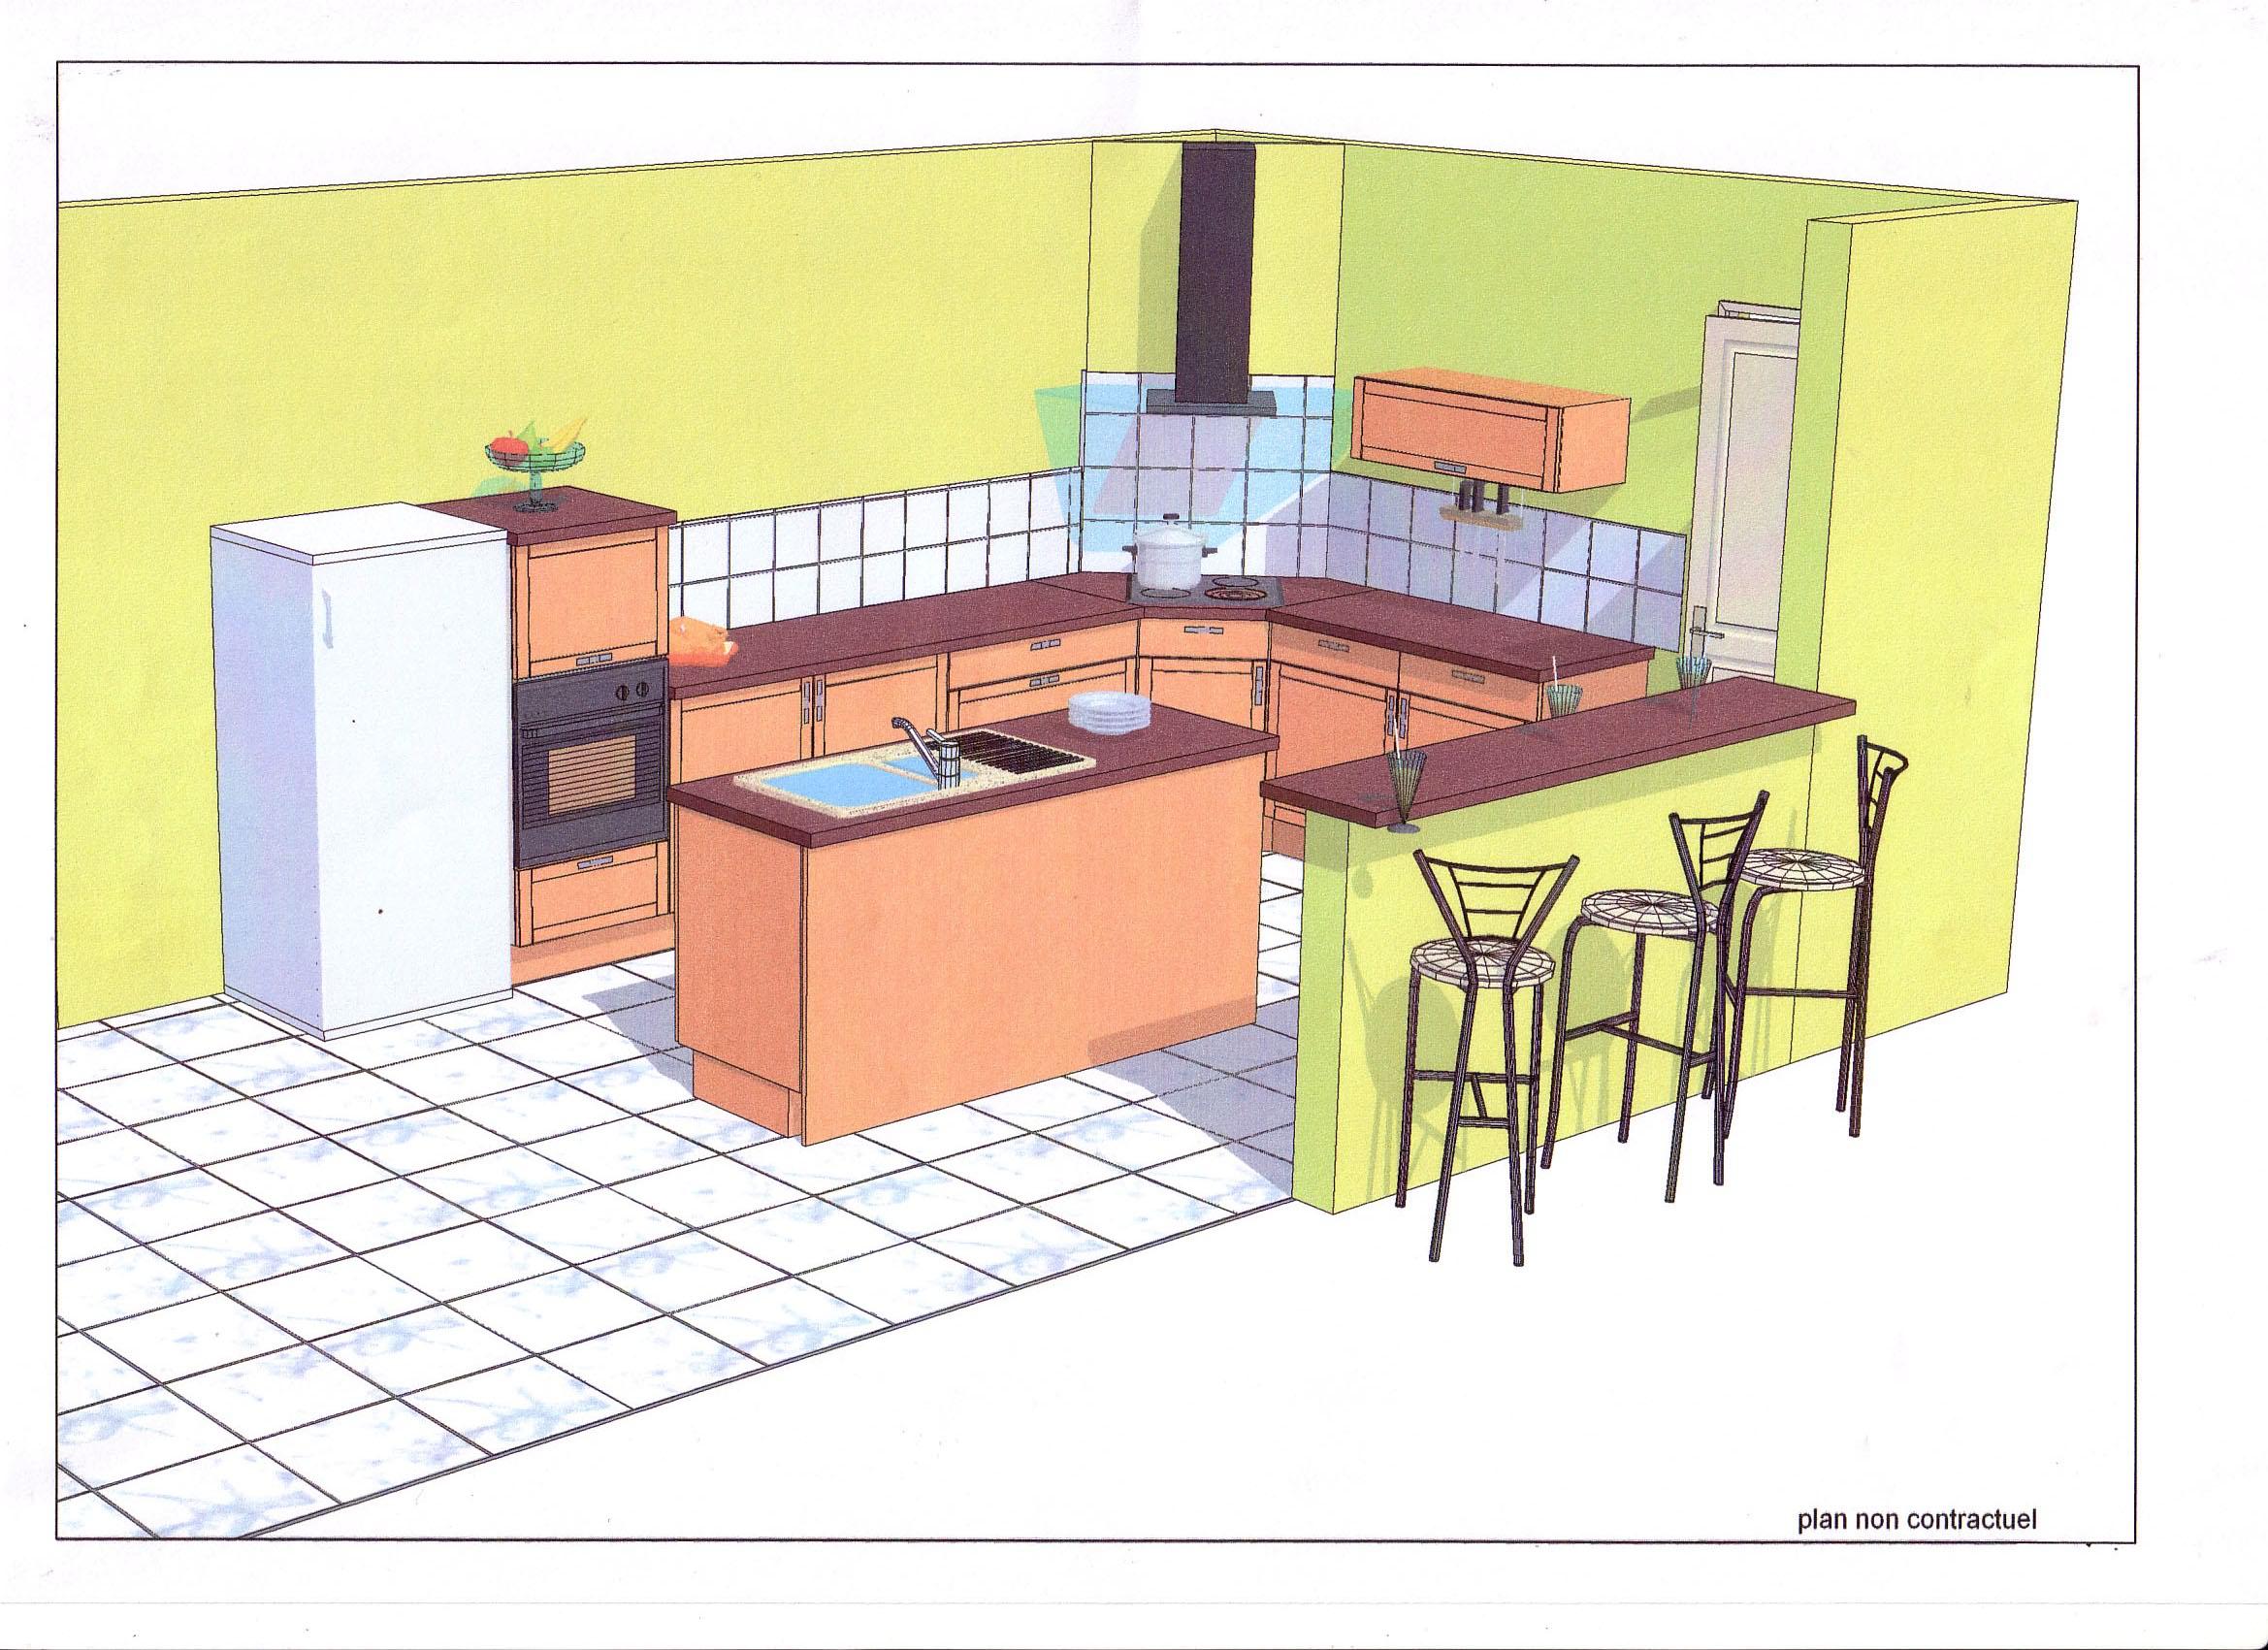 Notre projet chez Cuisinella